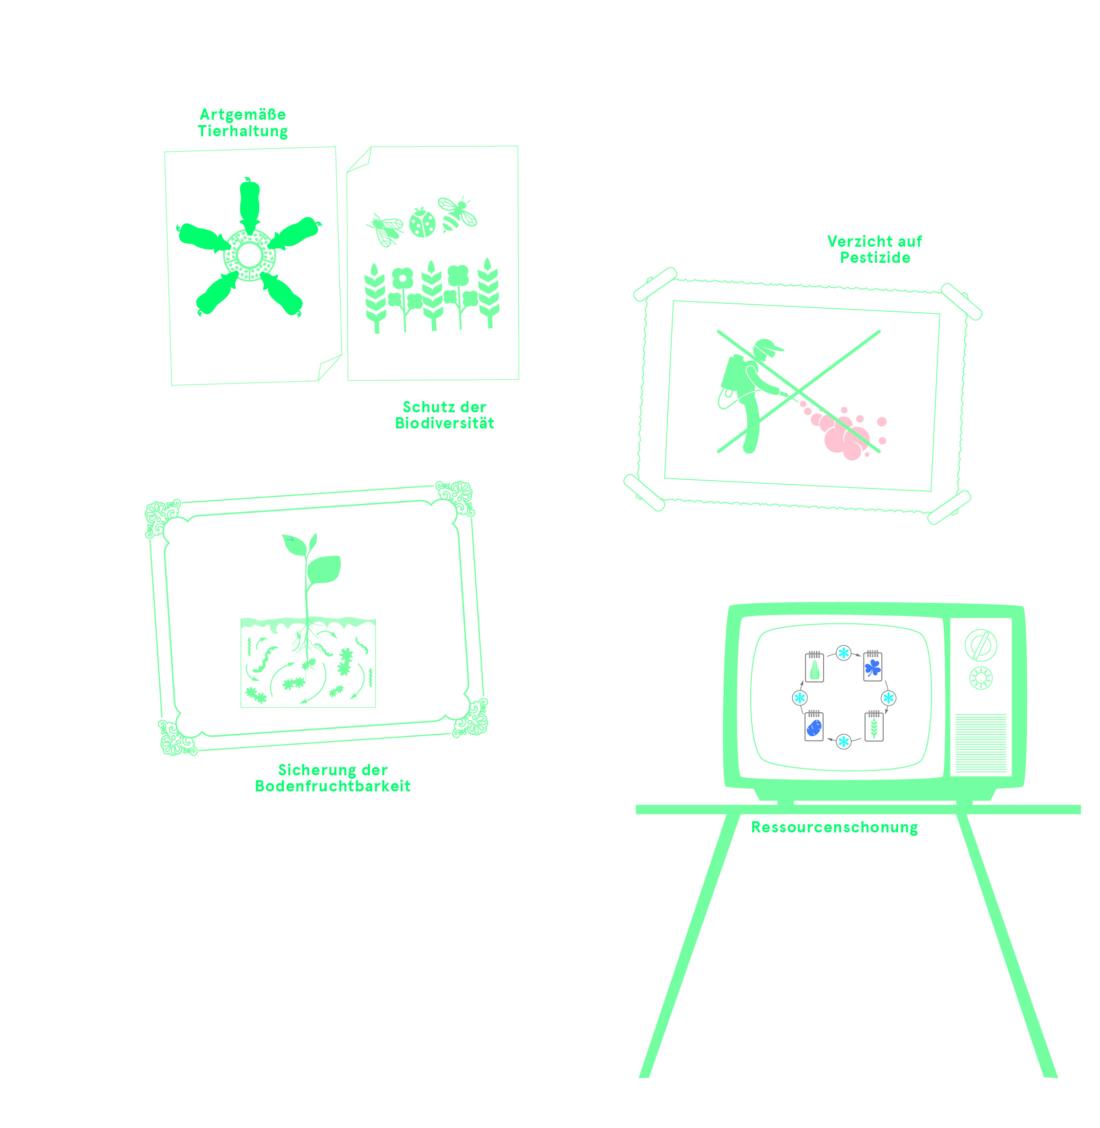 Emergenz, Neues Bild, Bio 3.0, #biodreinull, Wissensvisualisierung, FiBL, dform, SCR